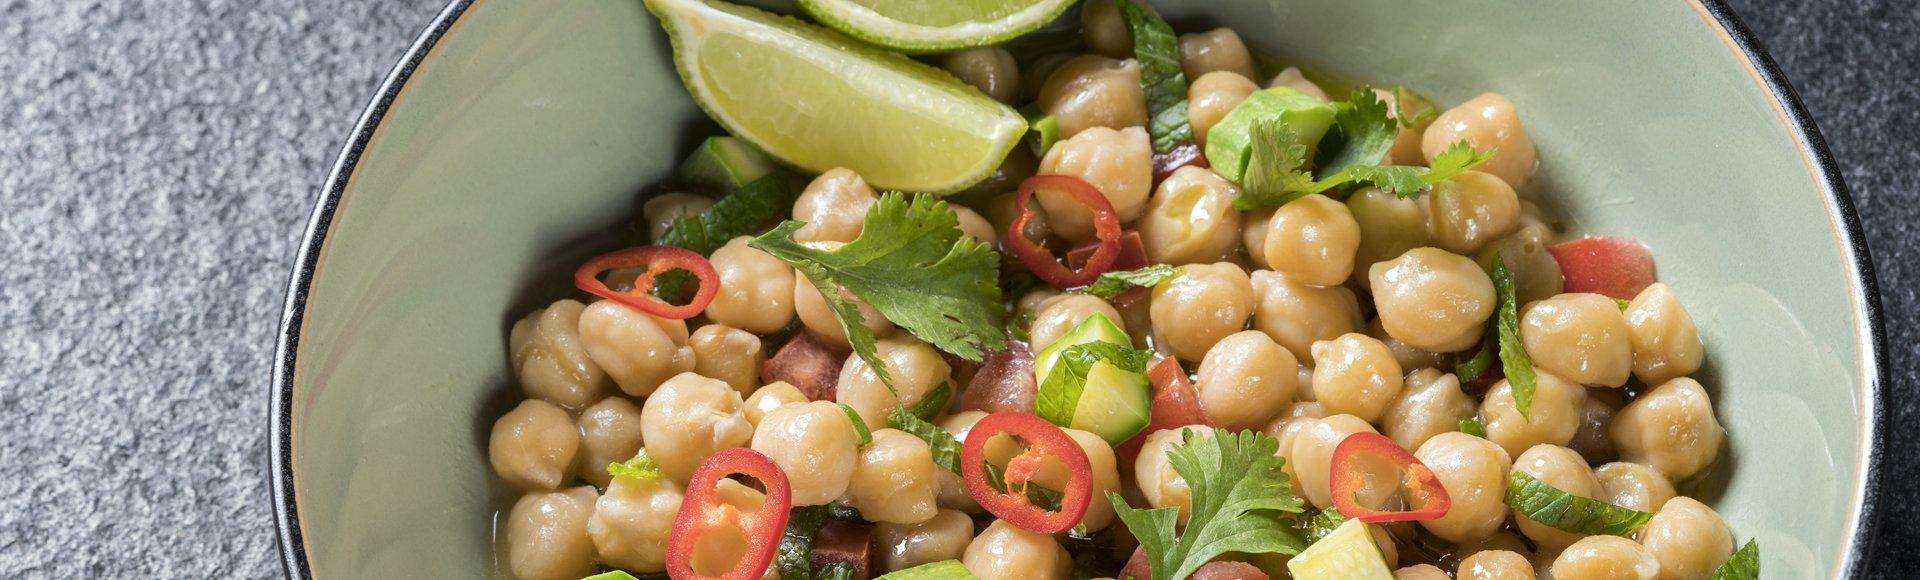 Ρεβιθάδα με ντομάτα, κολοκύθι και κόλιανδρο